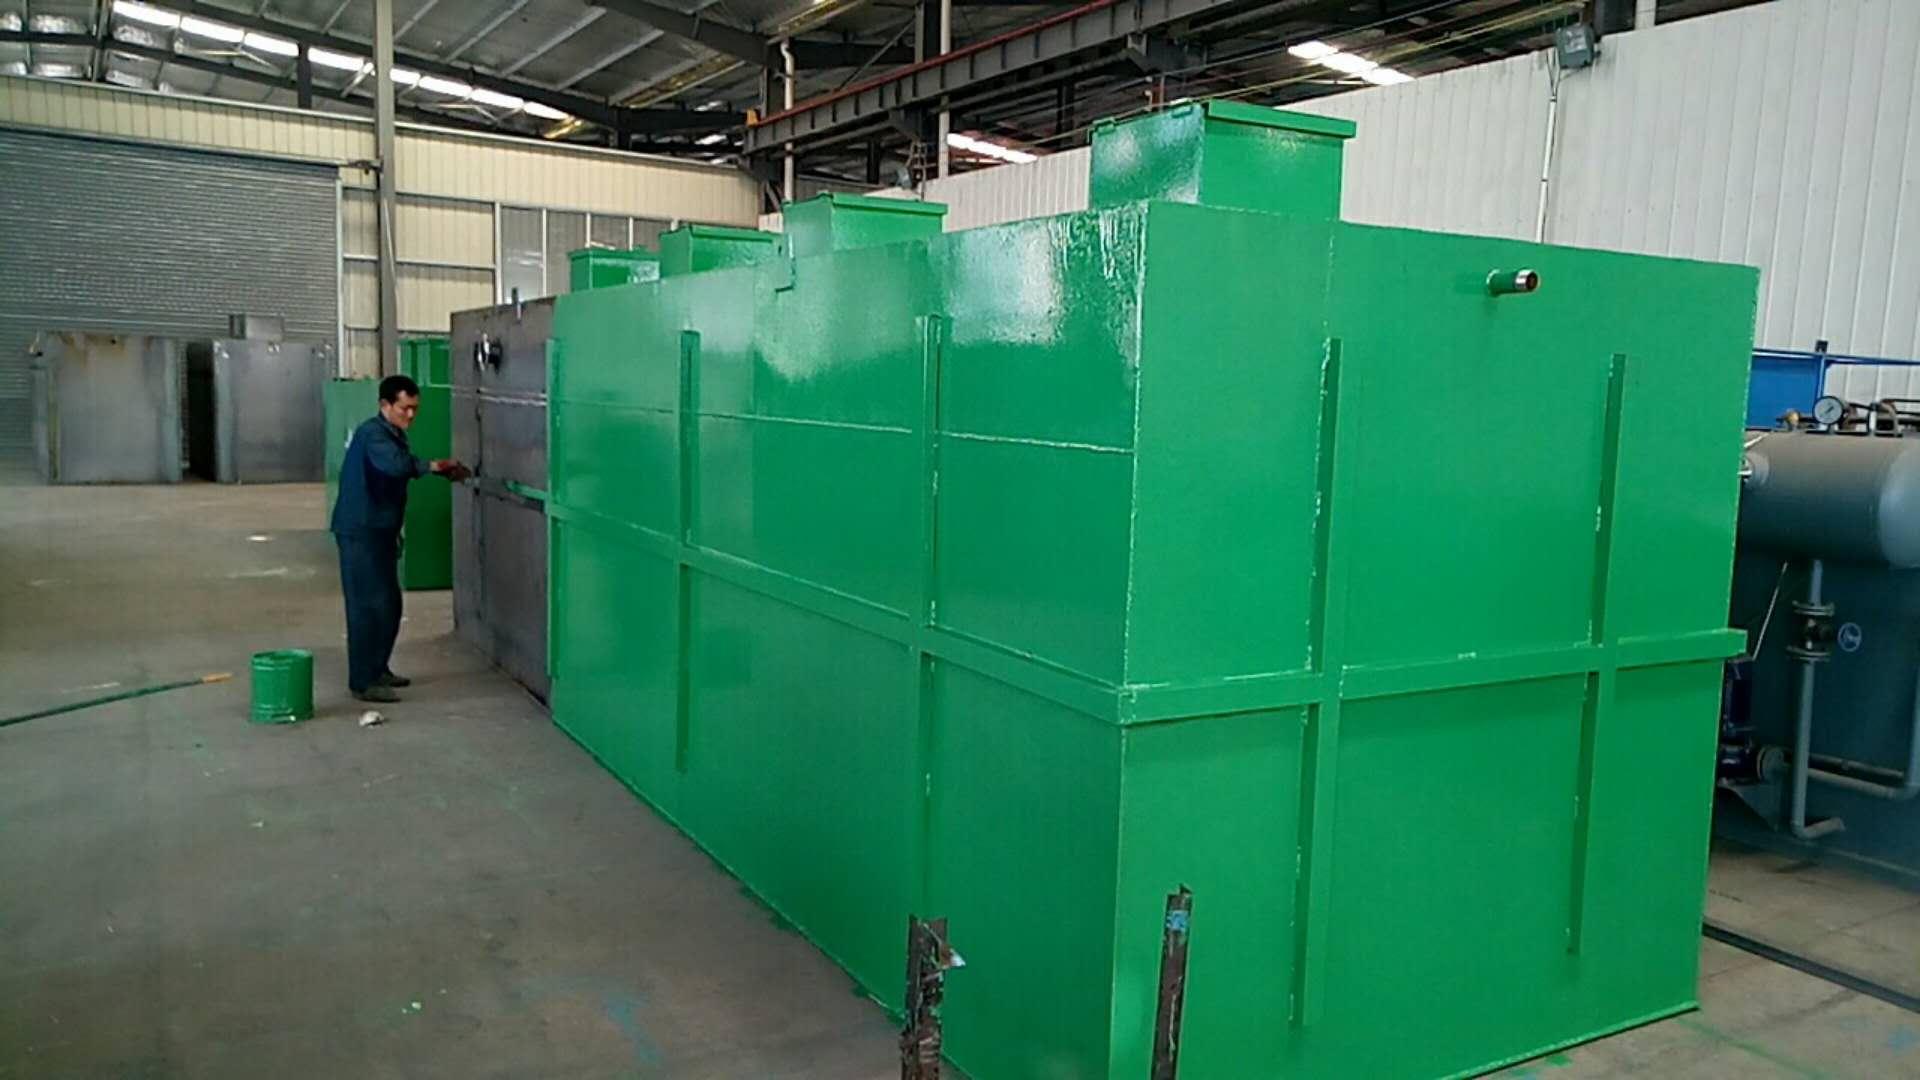 b,动力电源由本电站提供,进入污水处理站动力配电柜 气浮设备操作